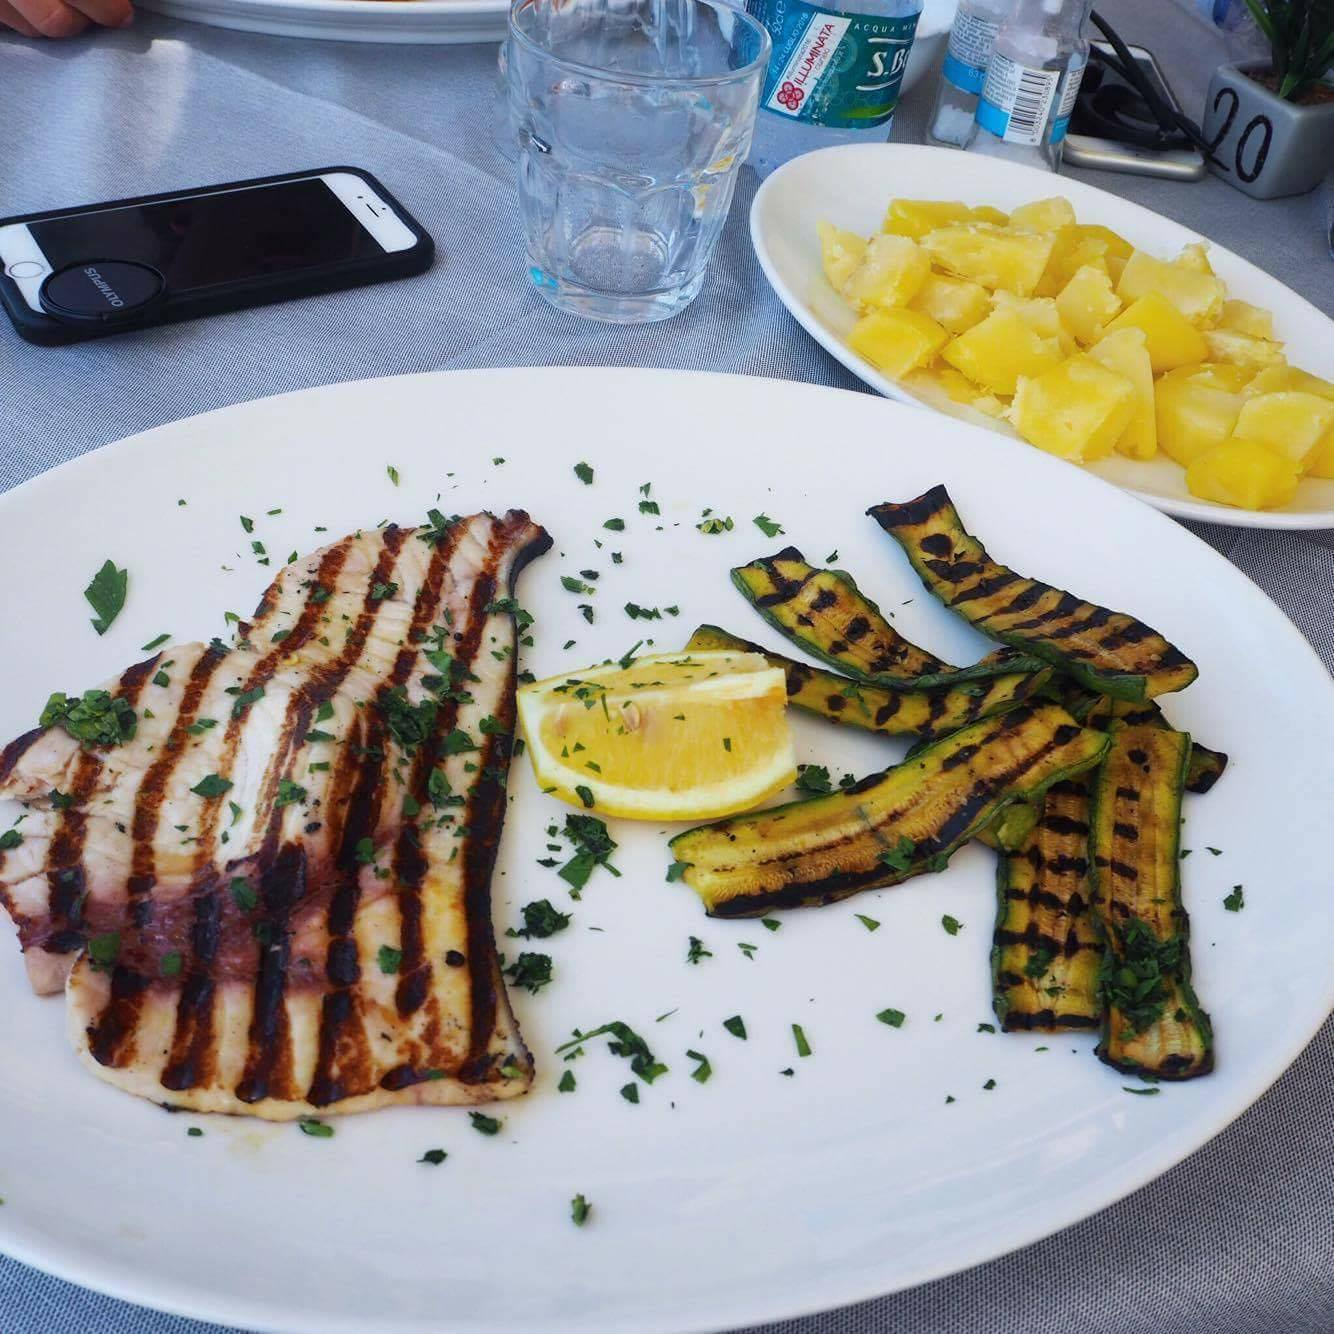 Grilovaný mečoun + cuketa a jako příloha vařené brambory  Grilled swordfish + zucchini and boiled potatoes as a side